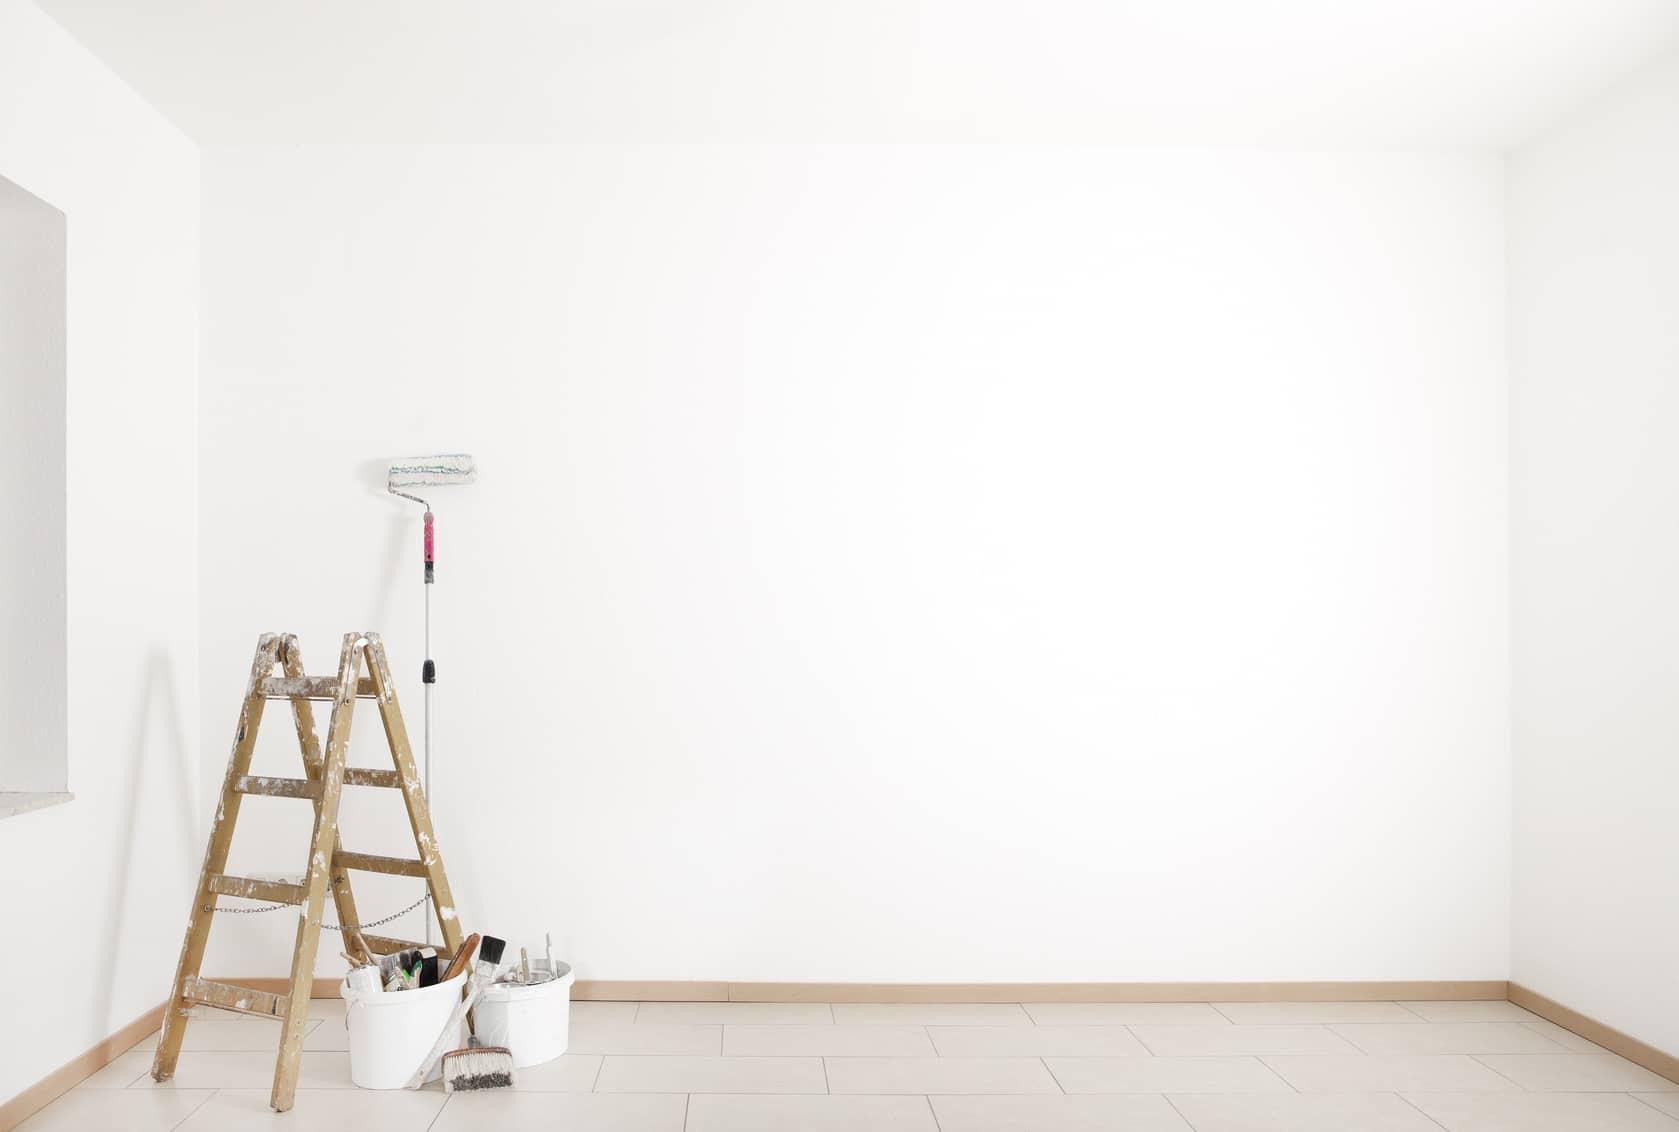 peinture chambre laquelle choisir 2 pour 1. Black Bedroom Furniture Sets. Home Design Ideas